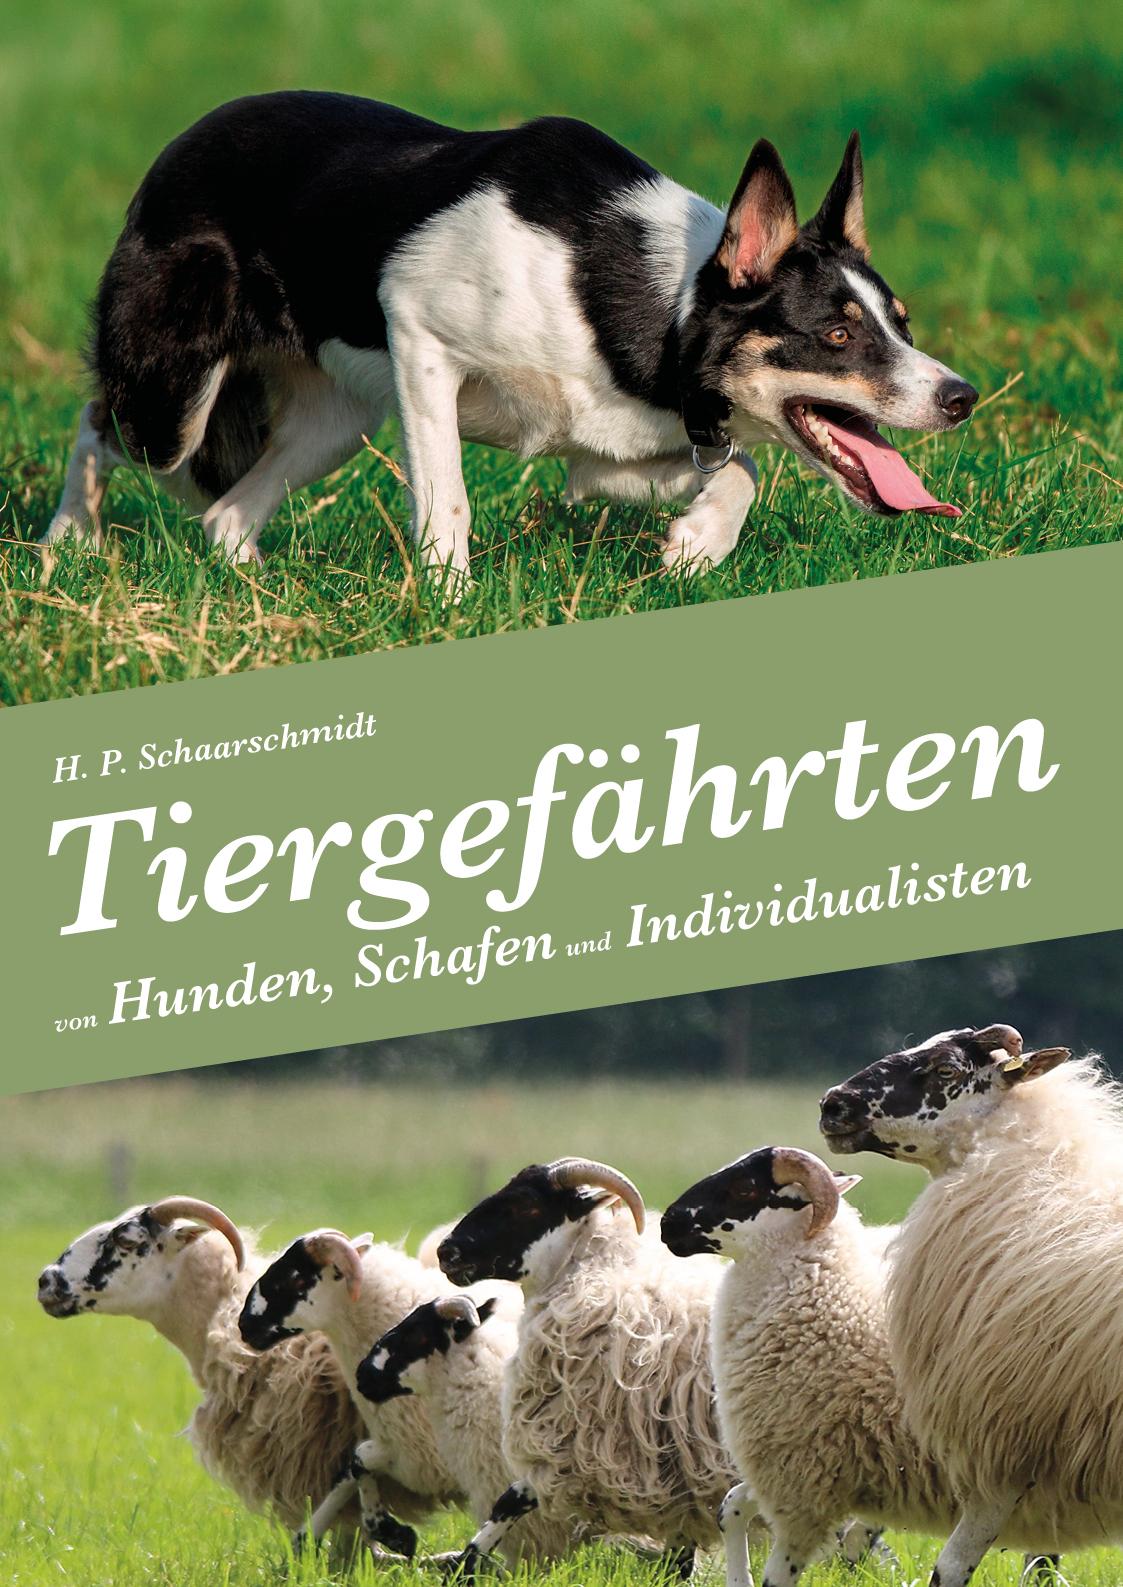 H. P. Schaarschmidt: Tiergefährten